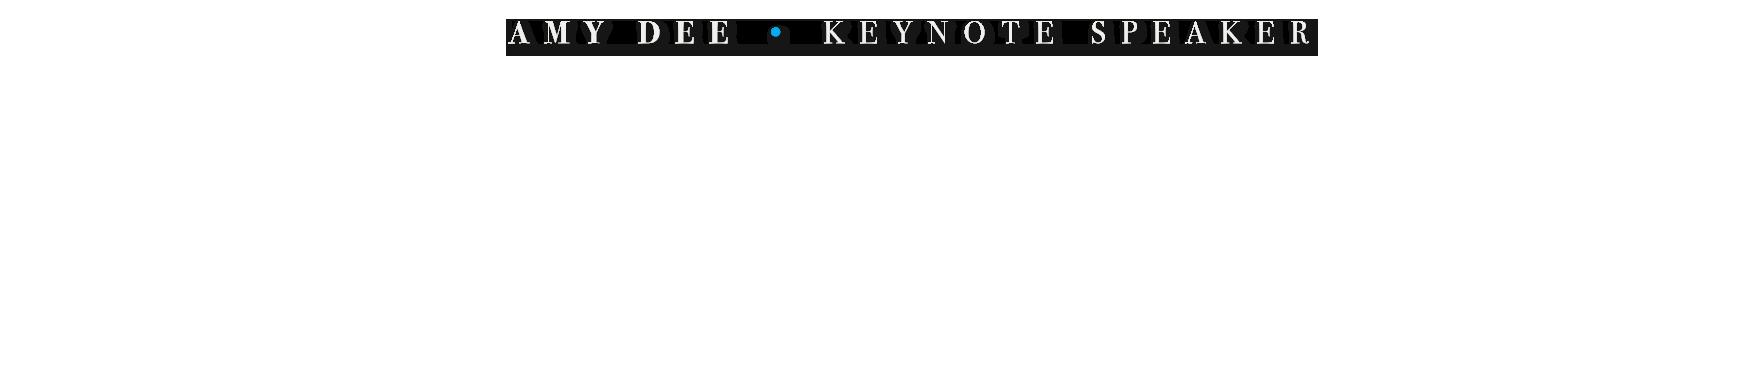 Amy Dee - Keynote Speaker